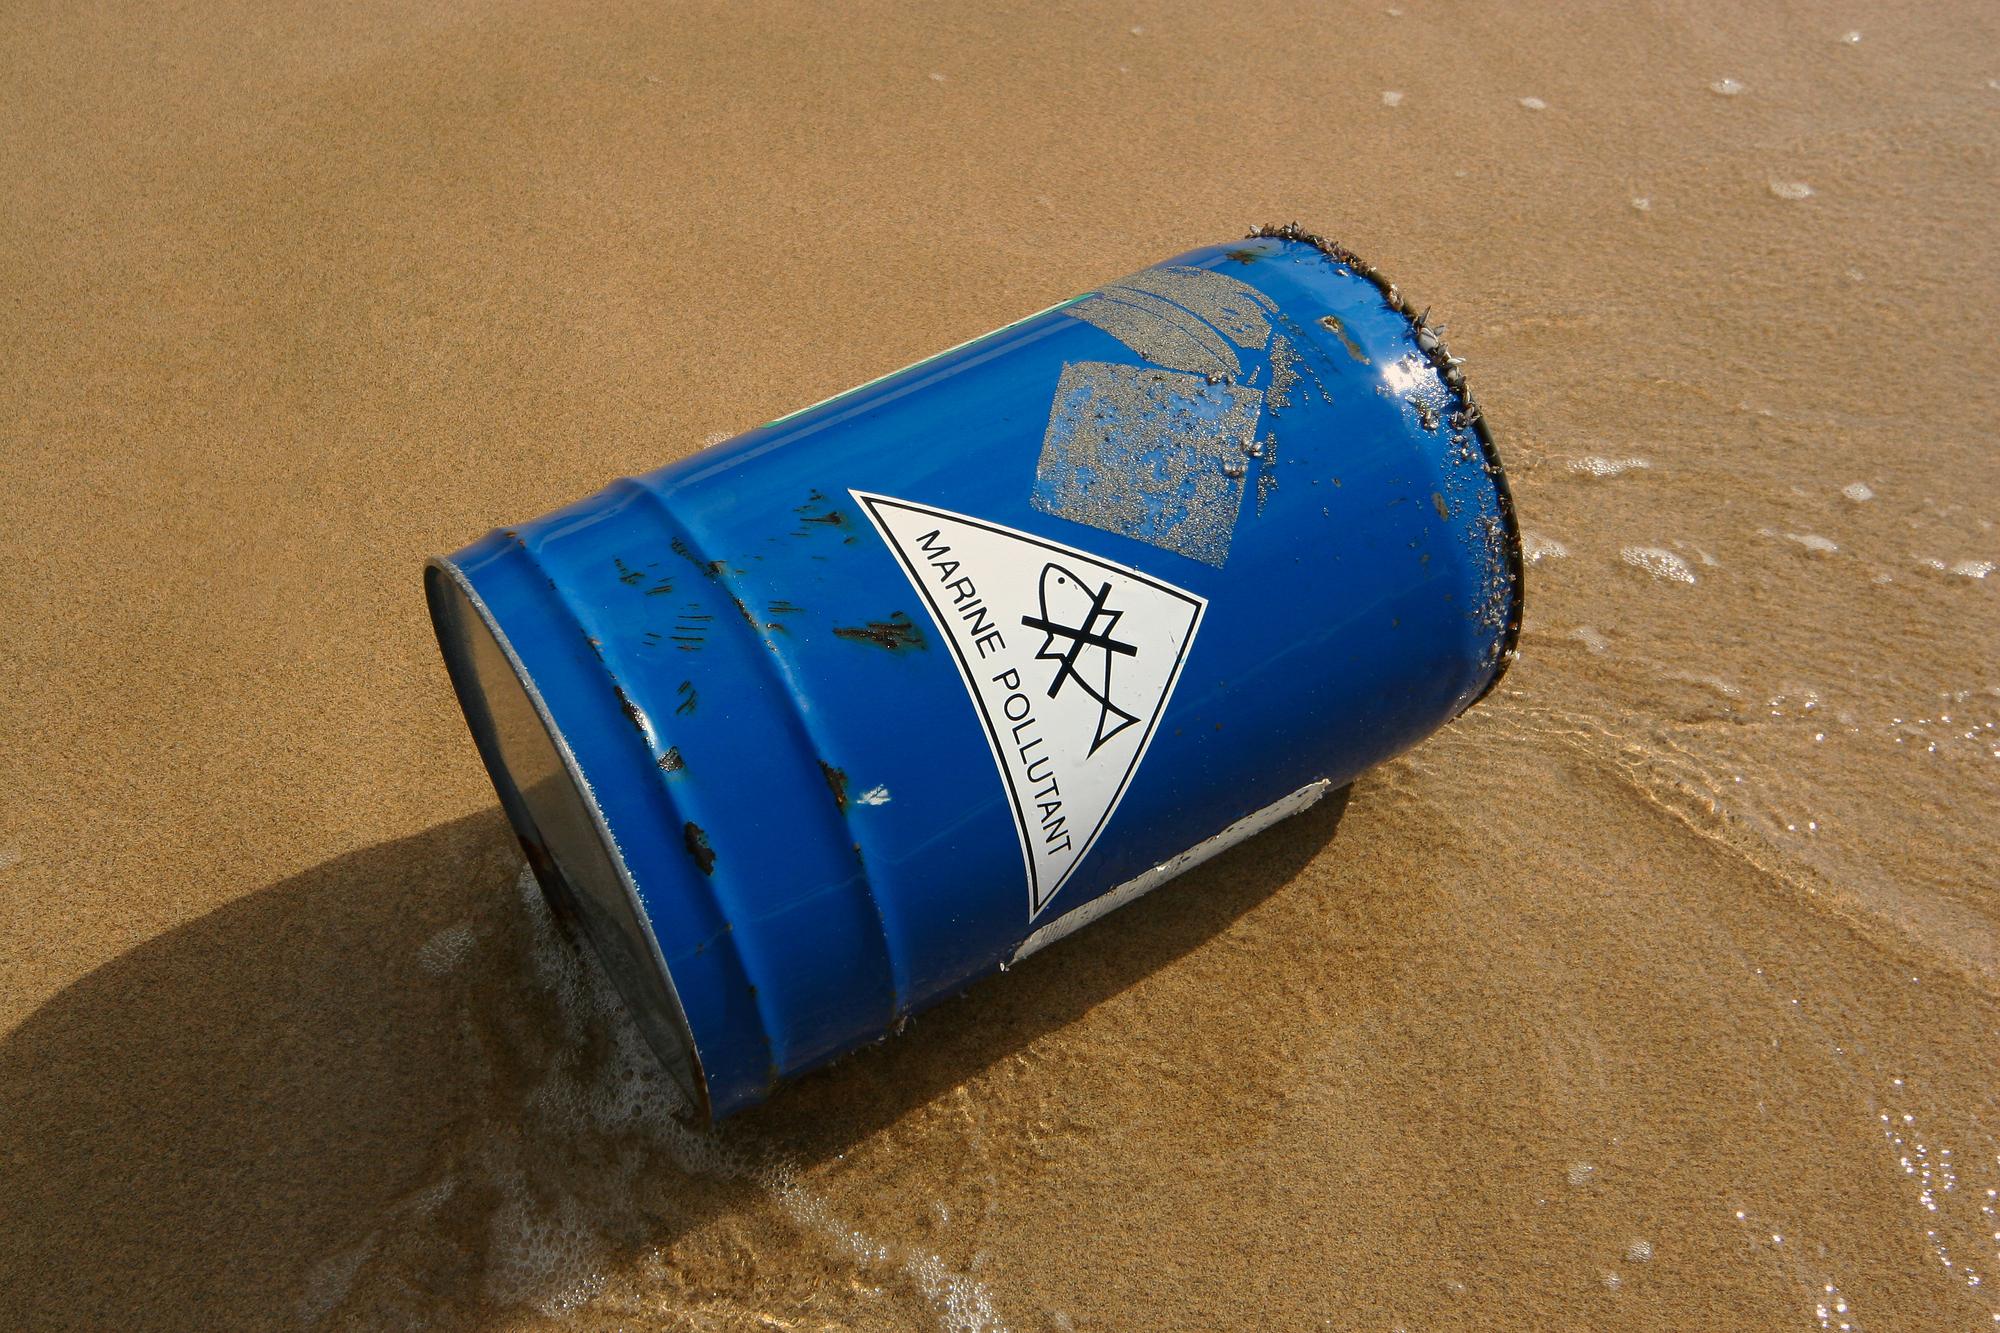 Disastro ambientale: Sri Lanka, affonda il cargo pieno di sostanze chimiche